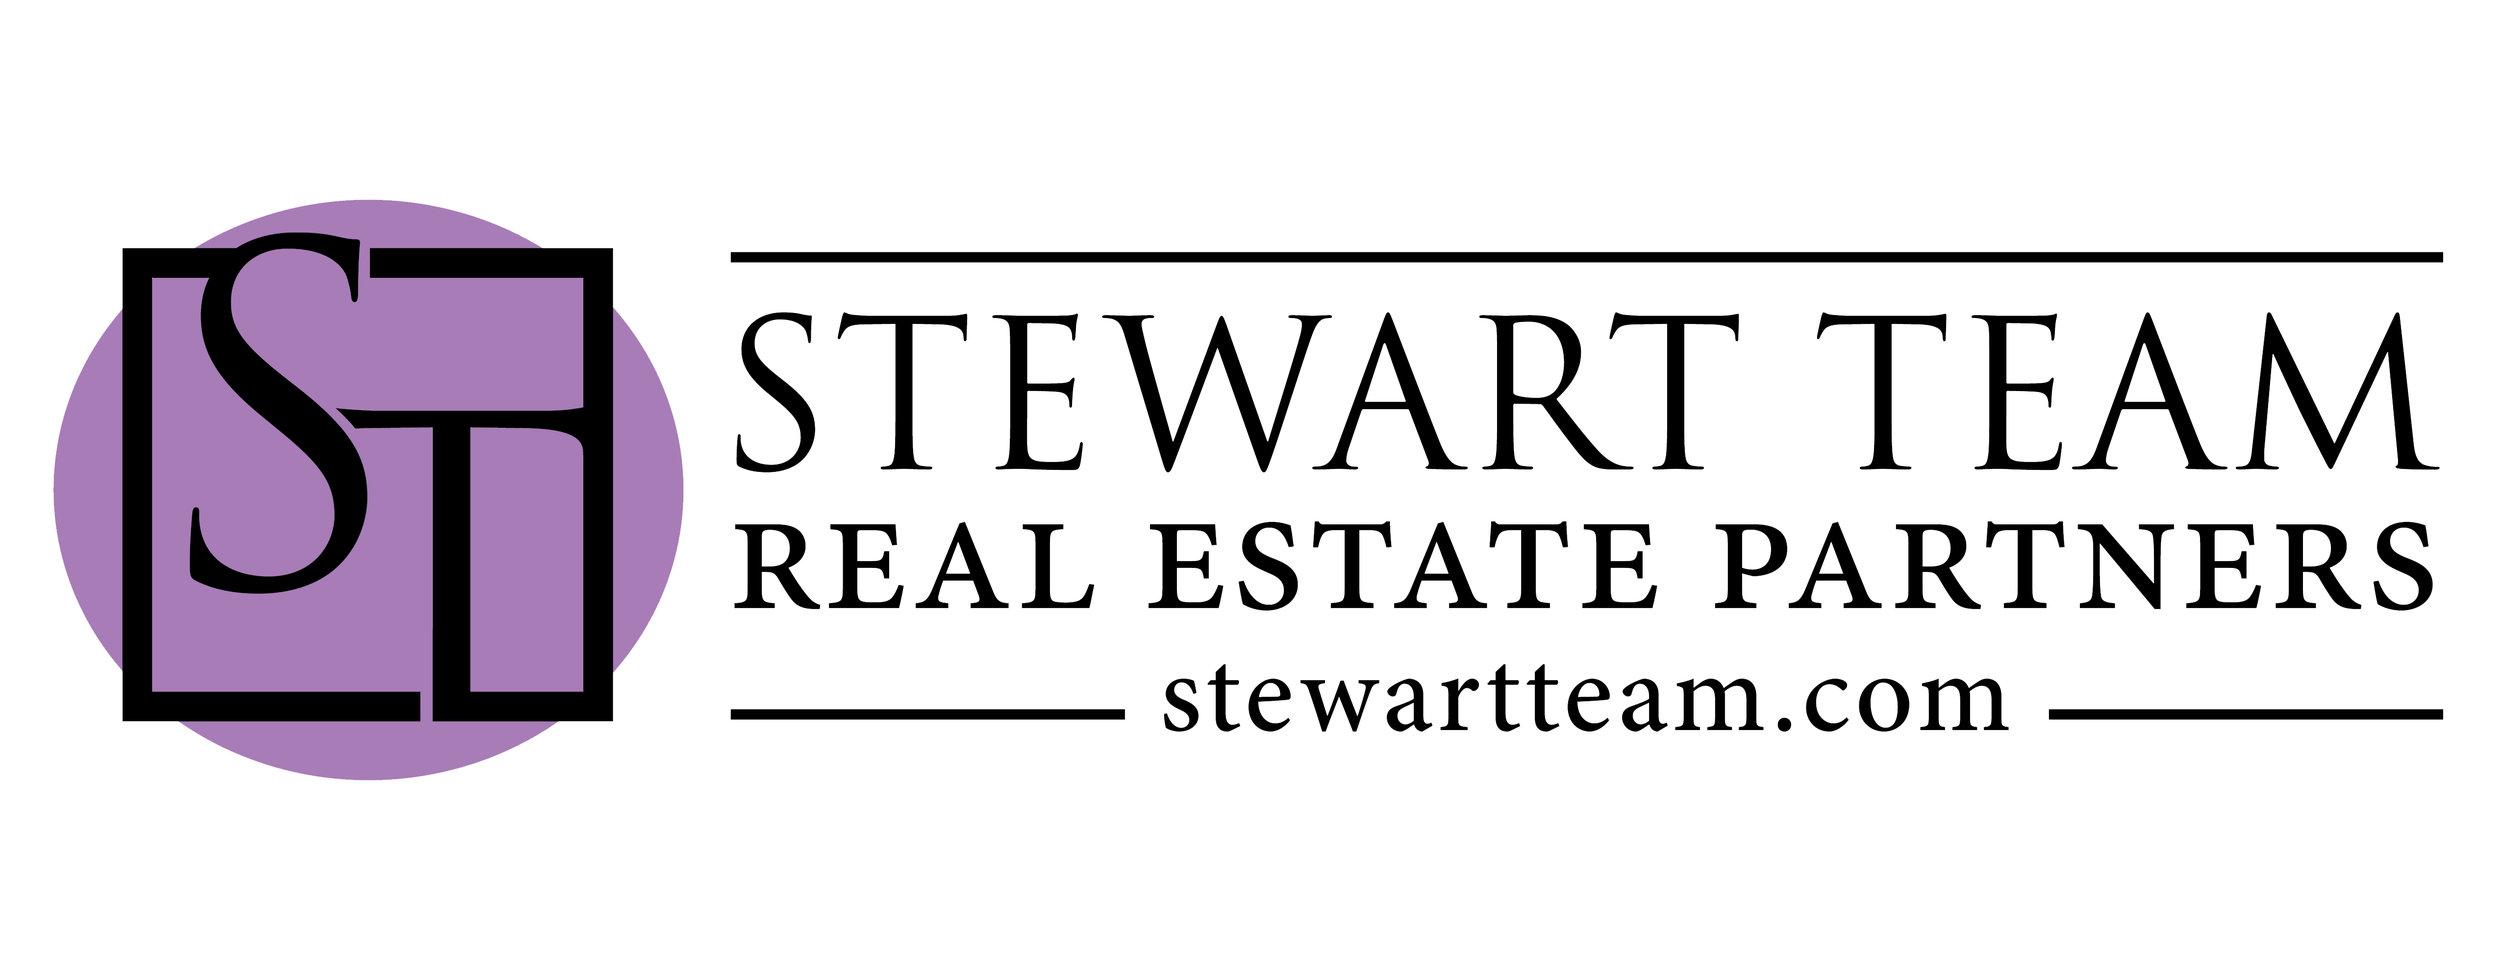 stewart team logo.jpg